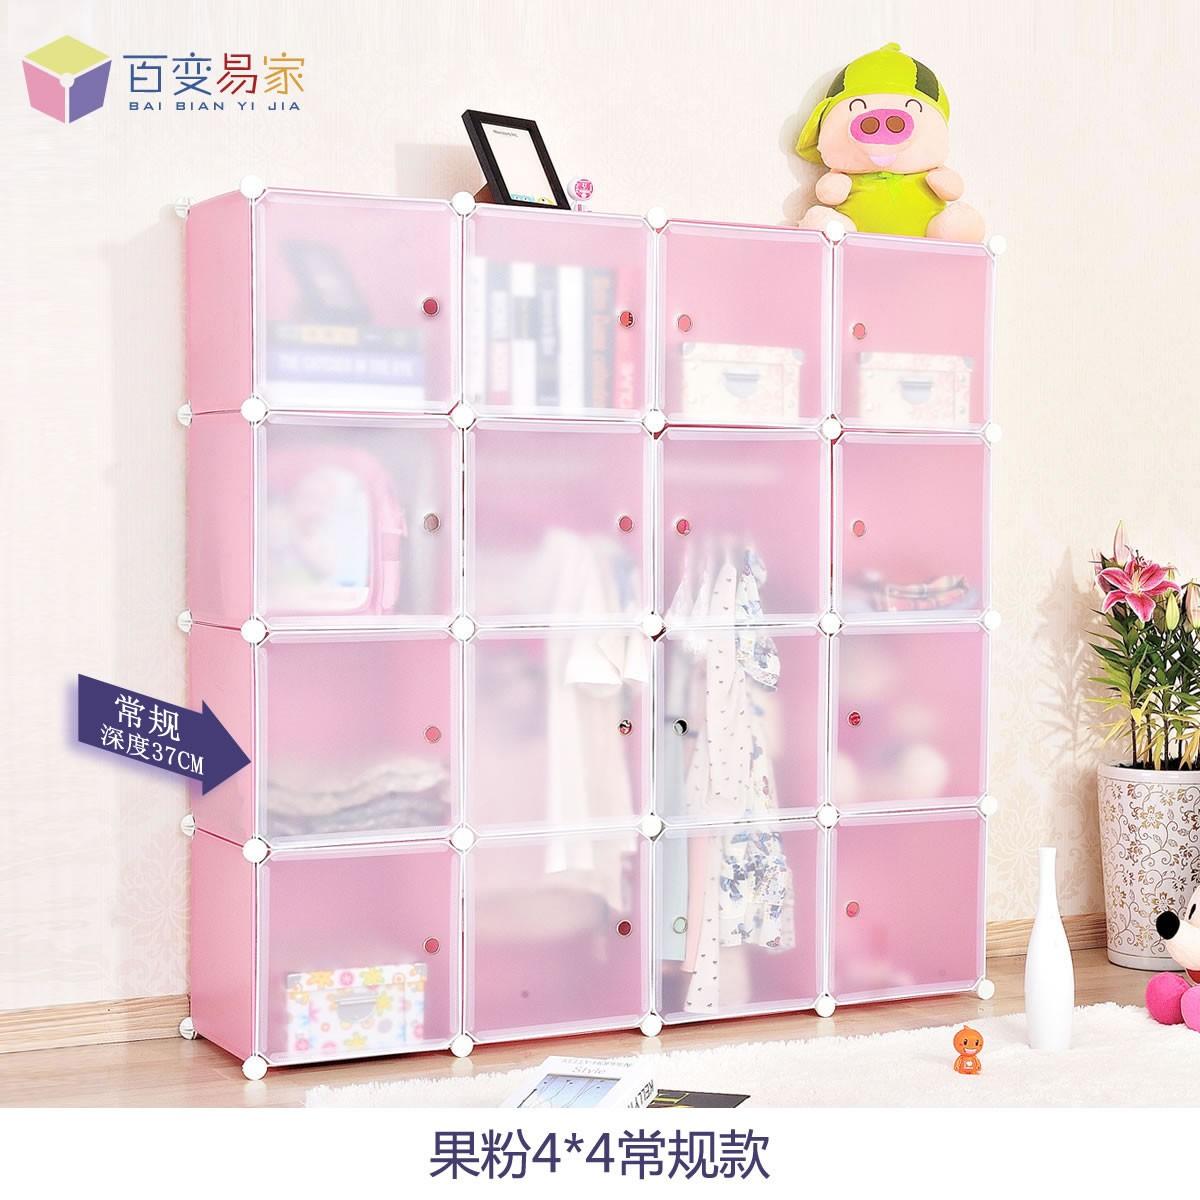 百变易家儿童简易衣柜BB-802